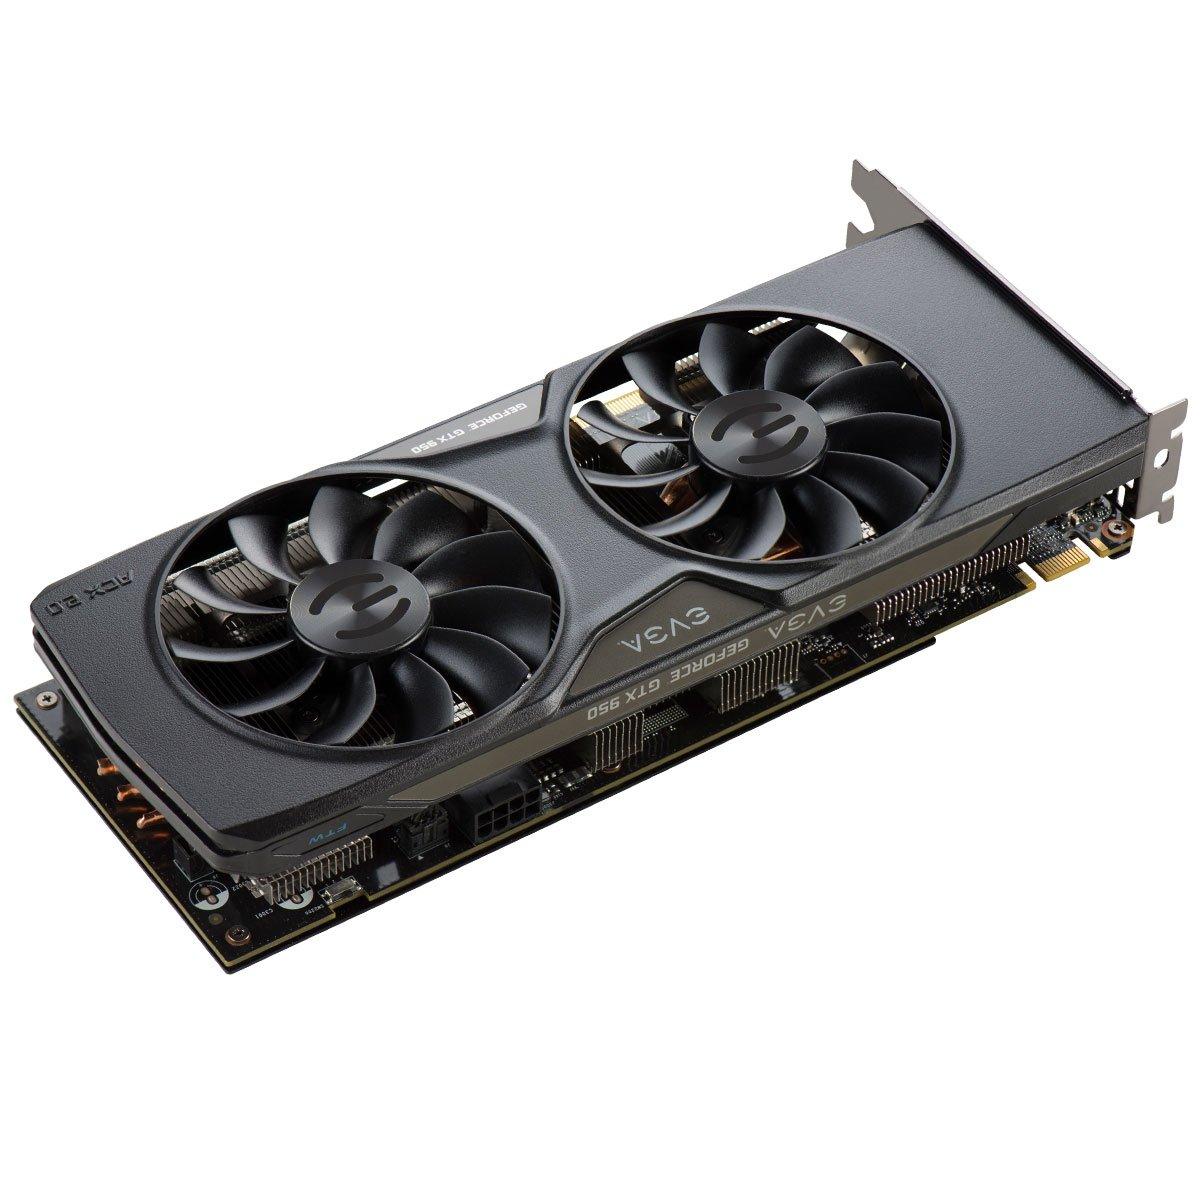 Amazon.com: EVGA GeForce GTX 950 Ref tarjeta de grá ...